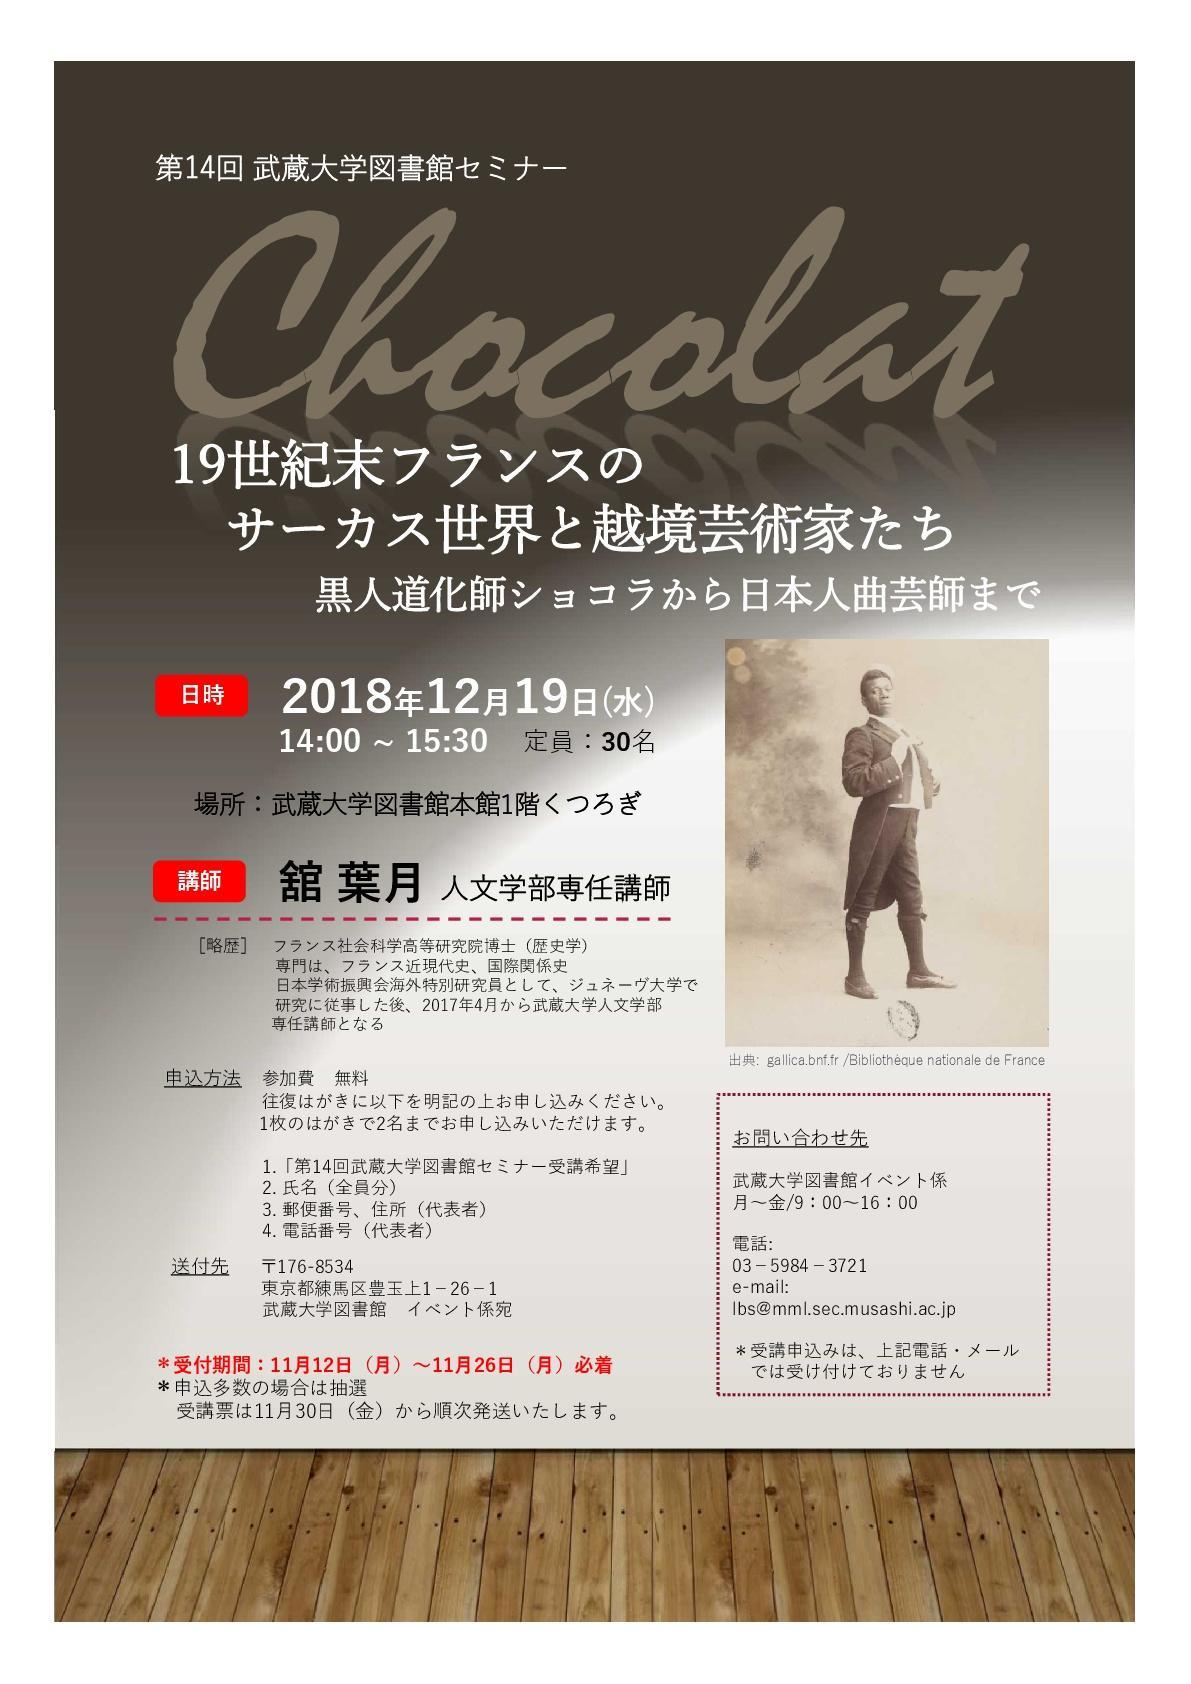 【武蔵大学】第14回大学図書館セミナー「19世紀末フランスのサーカス世界と越境芸術家たち」を開催